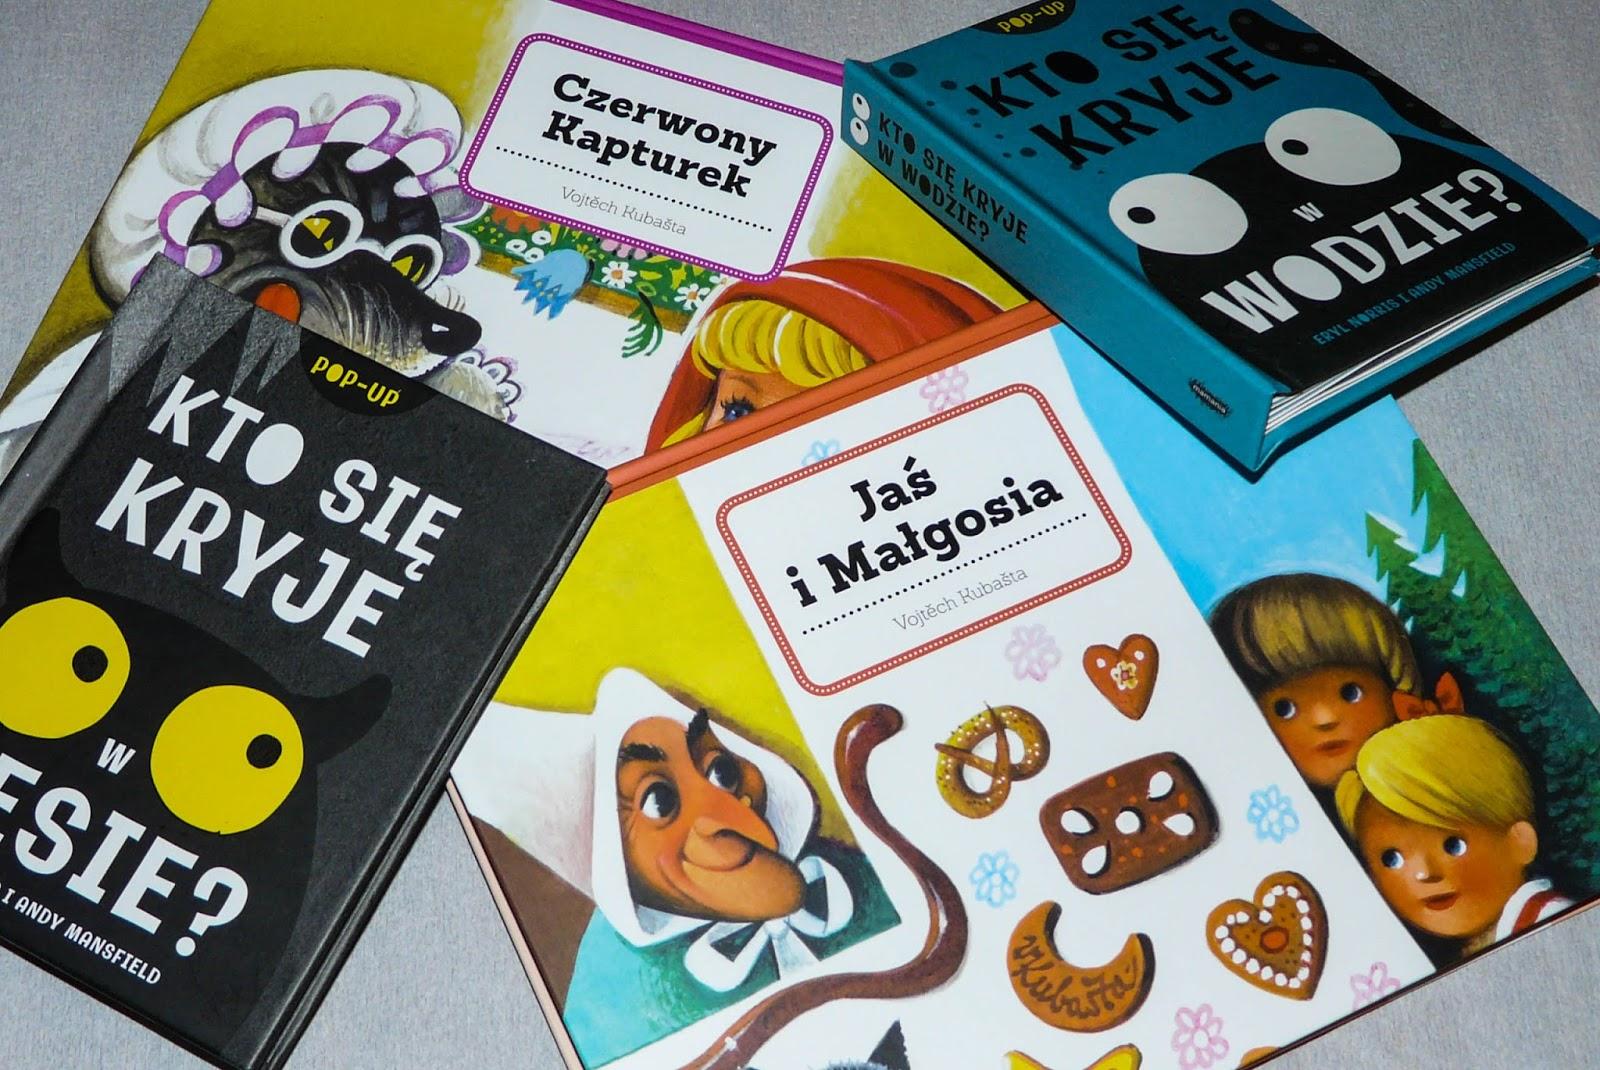 ciekawe książki dla dzieci, książki rozkładanki, pop up books, ciekawe książki dla dzieci, recenzje